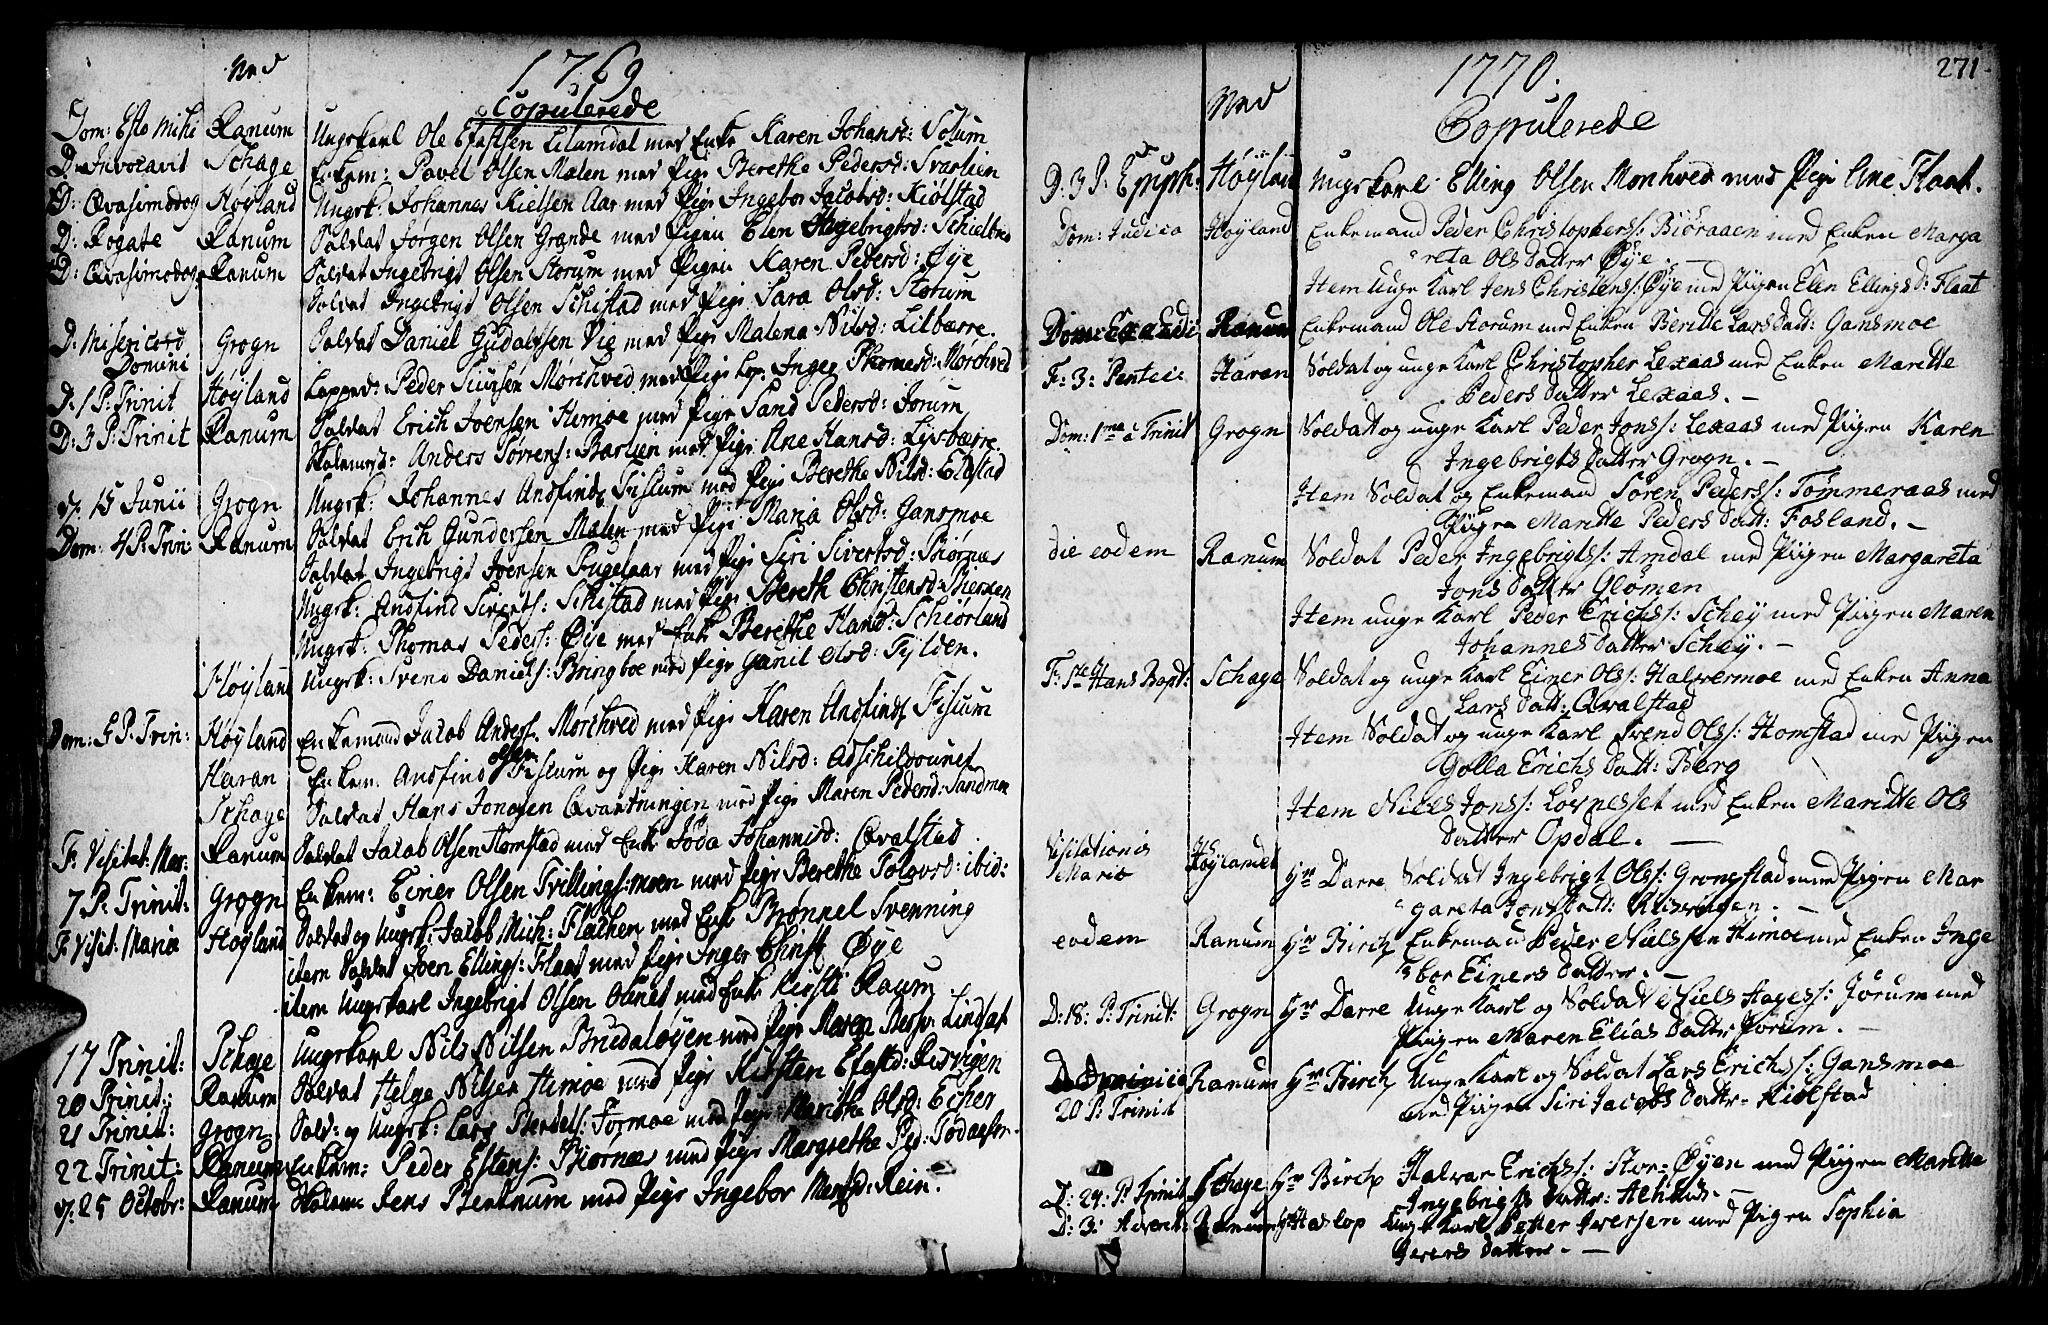 SAT, Ministerialprotokoller, klokkerbøker og fødselsregistre - Nord-Trøndelag, 764/L0542: Ministerialbok nr. 764A02, 1748-1779, s. 271